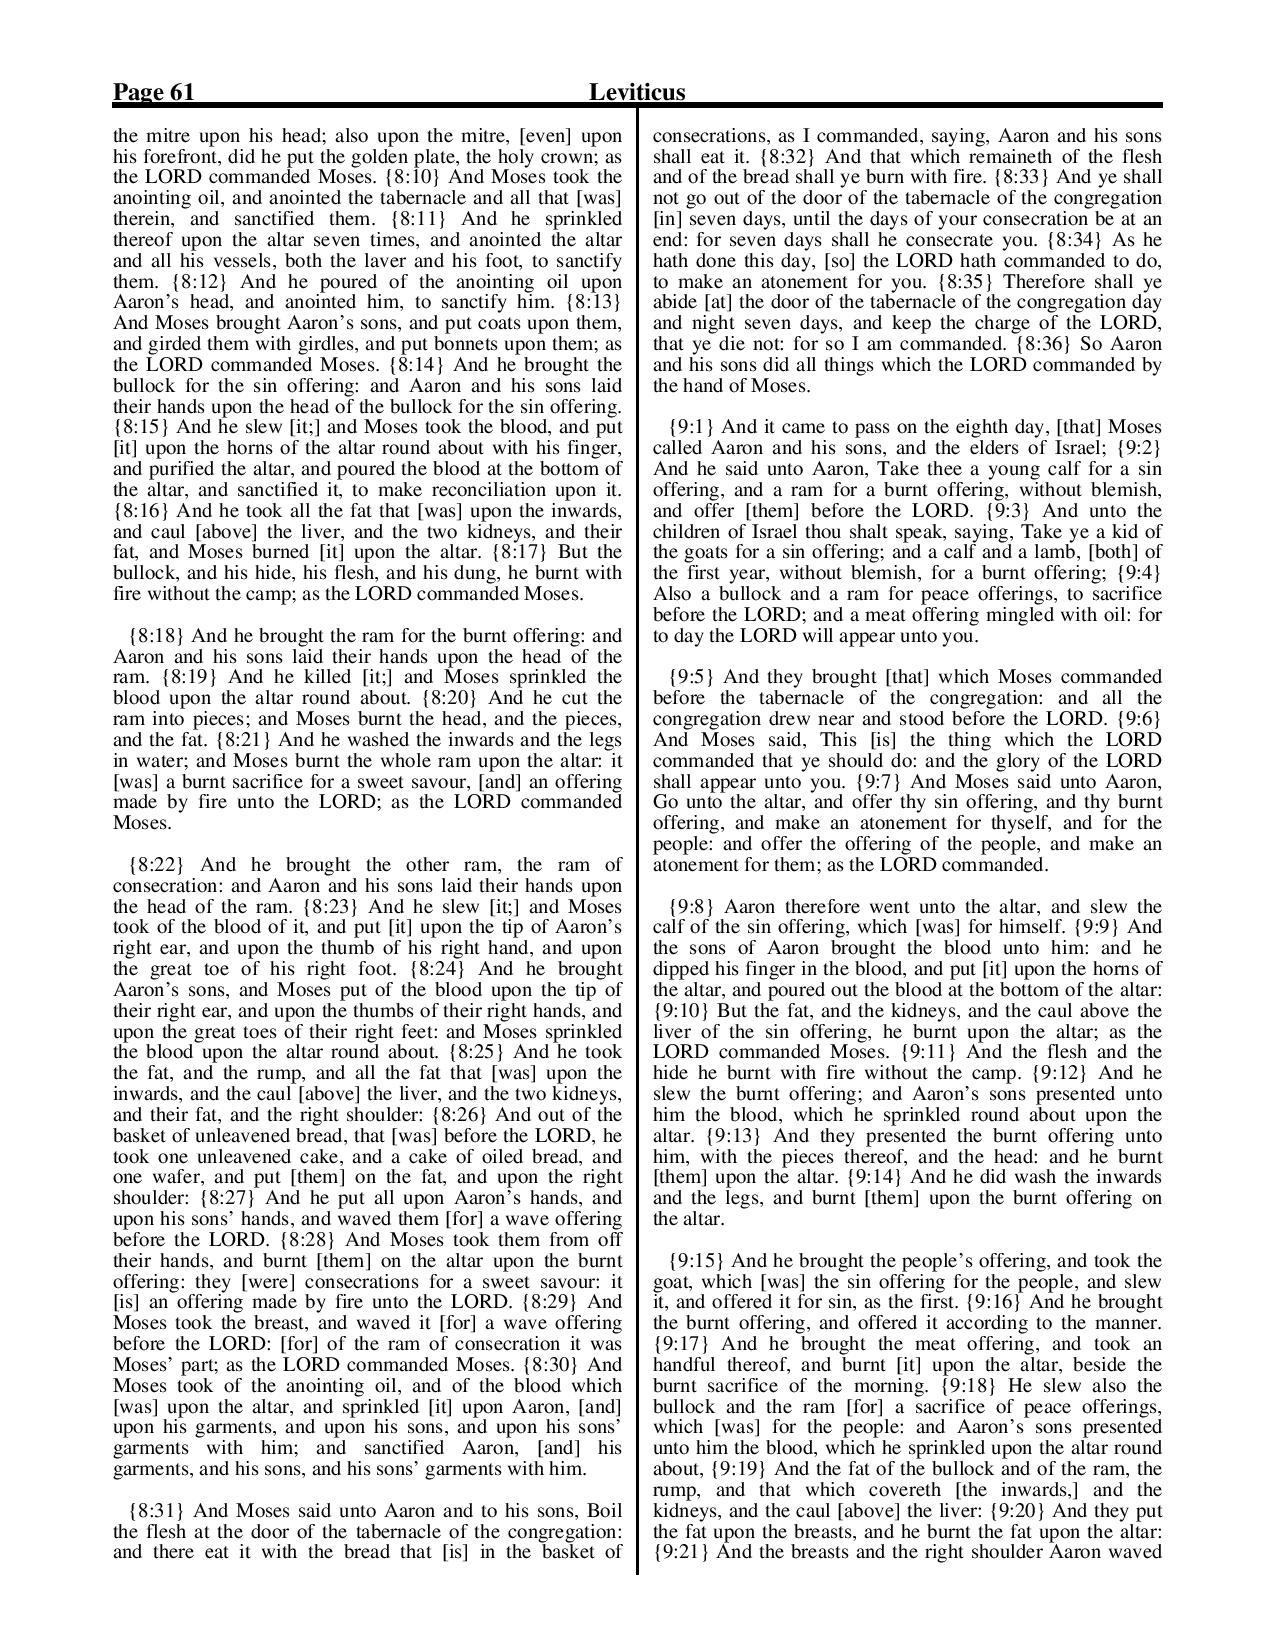 King-James-Bible-KJV-Bible-PDF-page-082